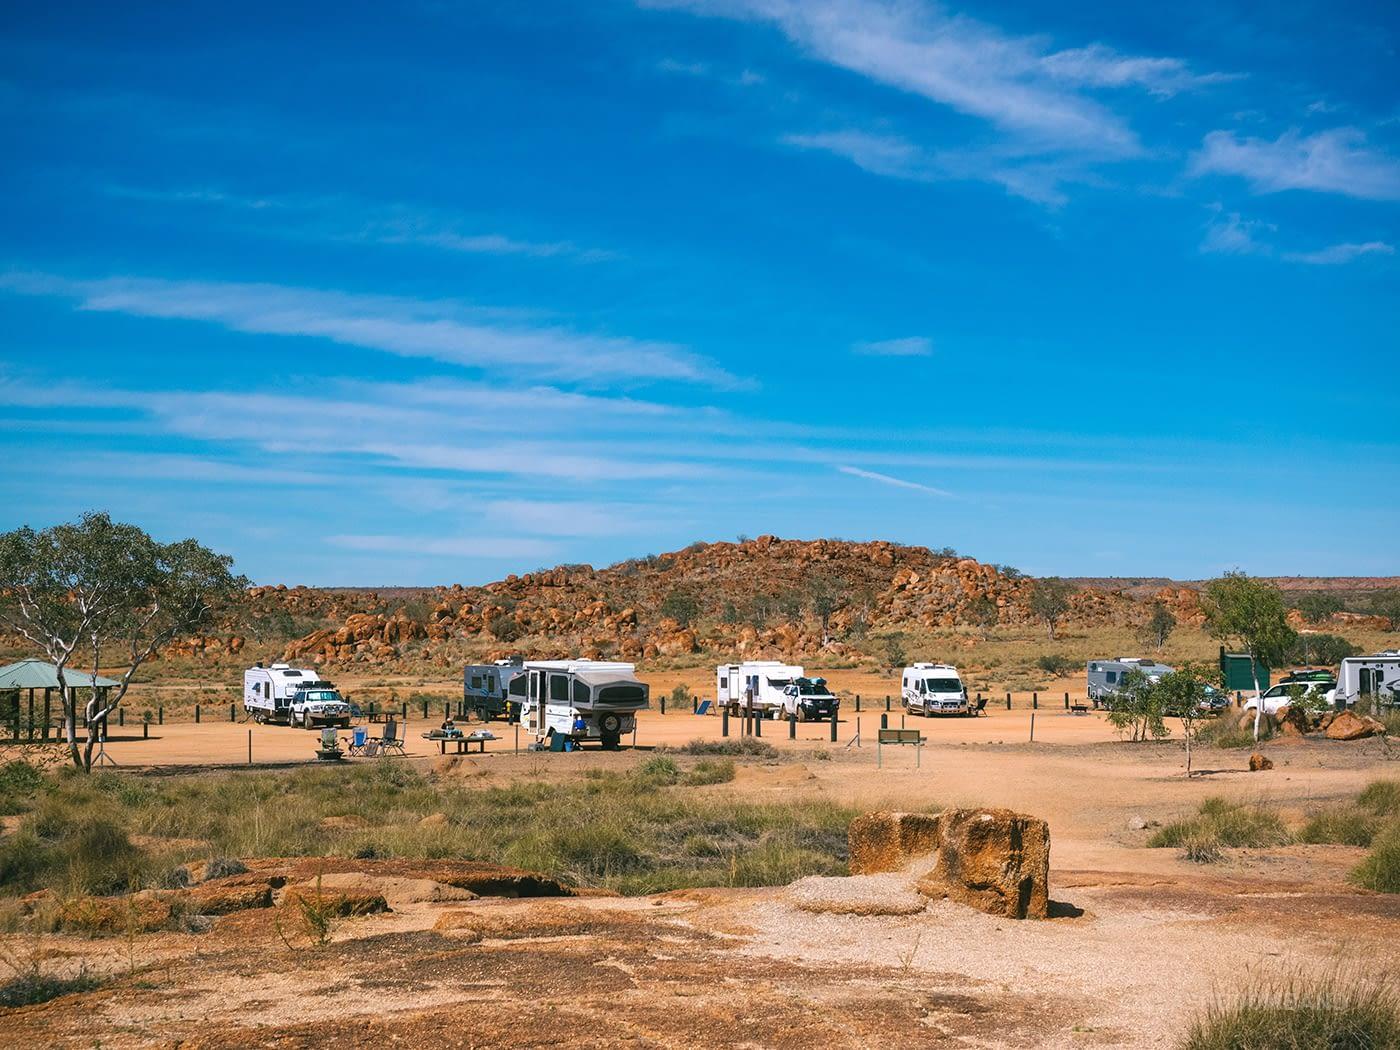 NT Australia - Karlu Karlu - Campervans parked by the other entrance